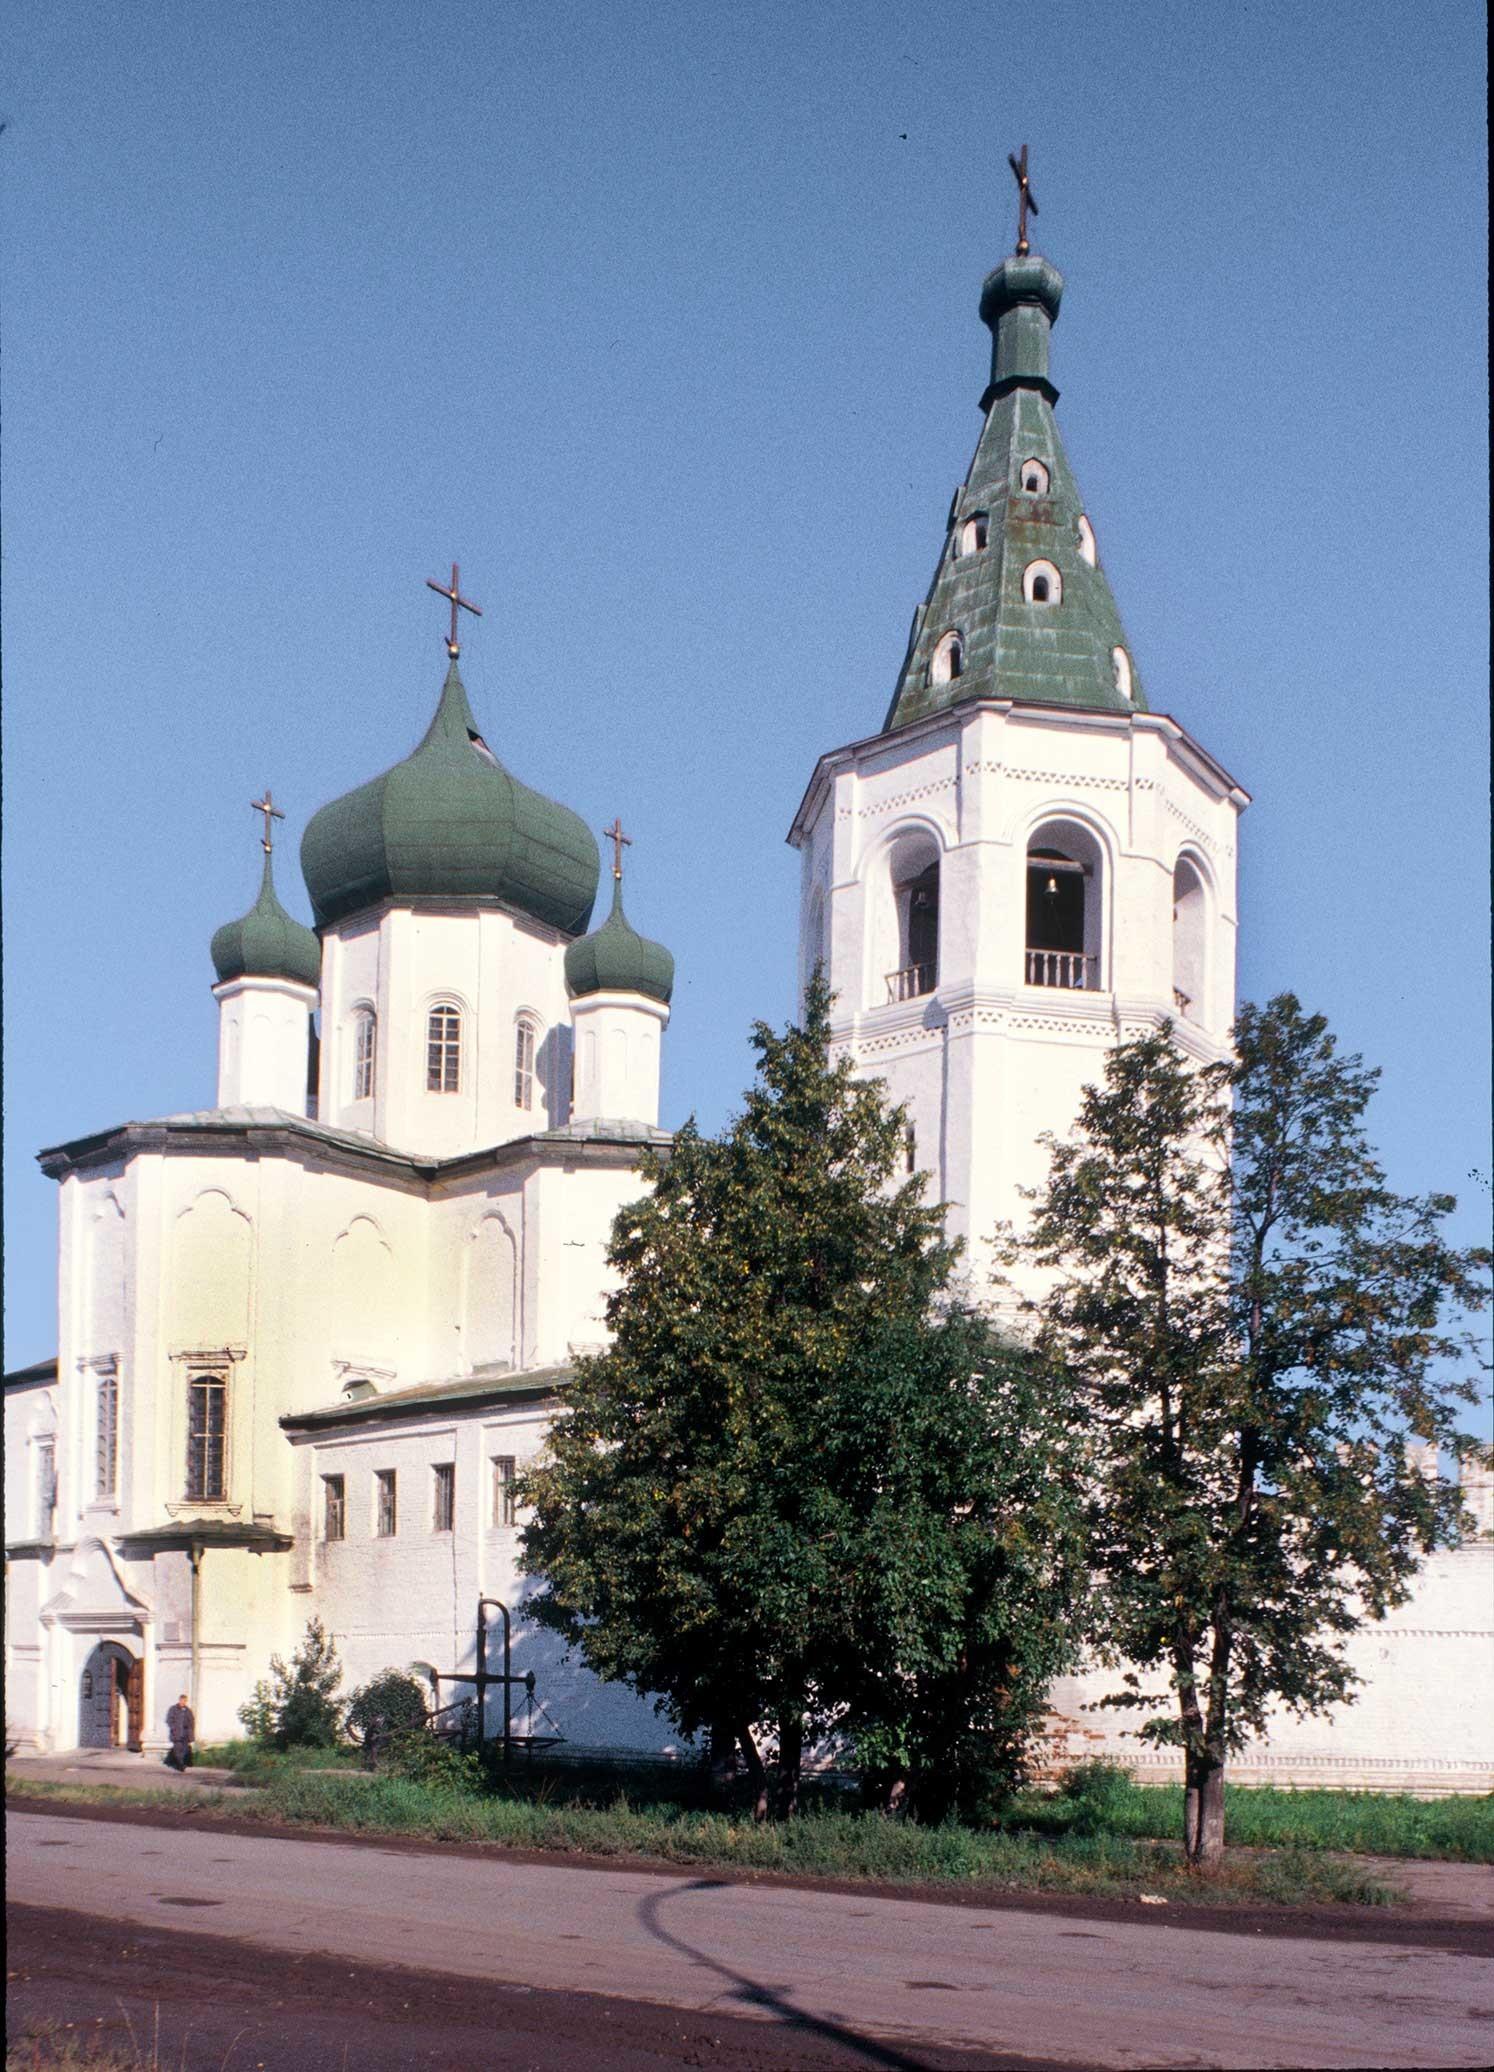 Monasterio de la Trinidad. Campanario en la Iglesia de los Santos Pedro y Pablo. Vista sureste. 4 de septiembre de 1999.